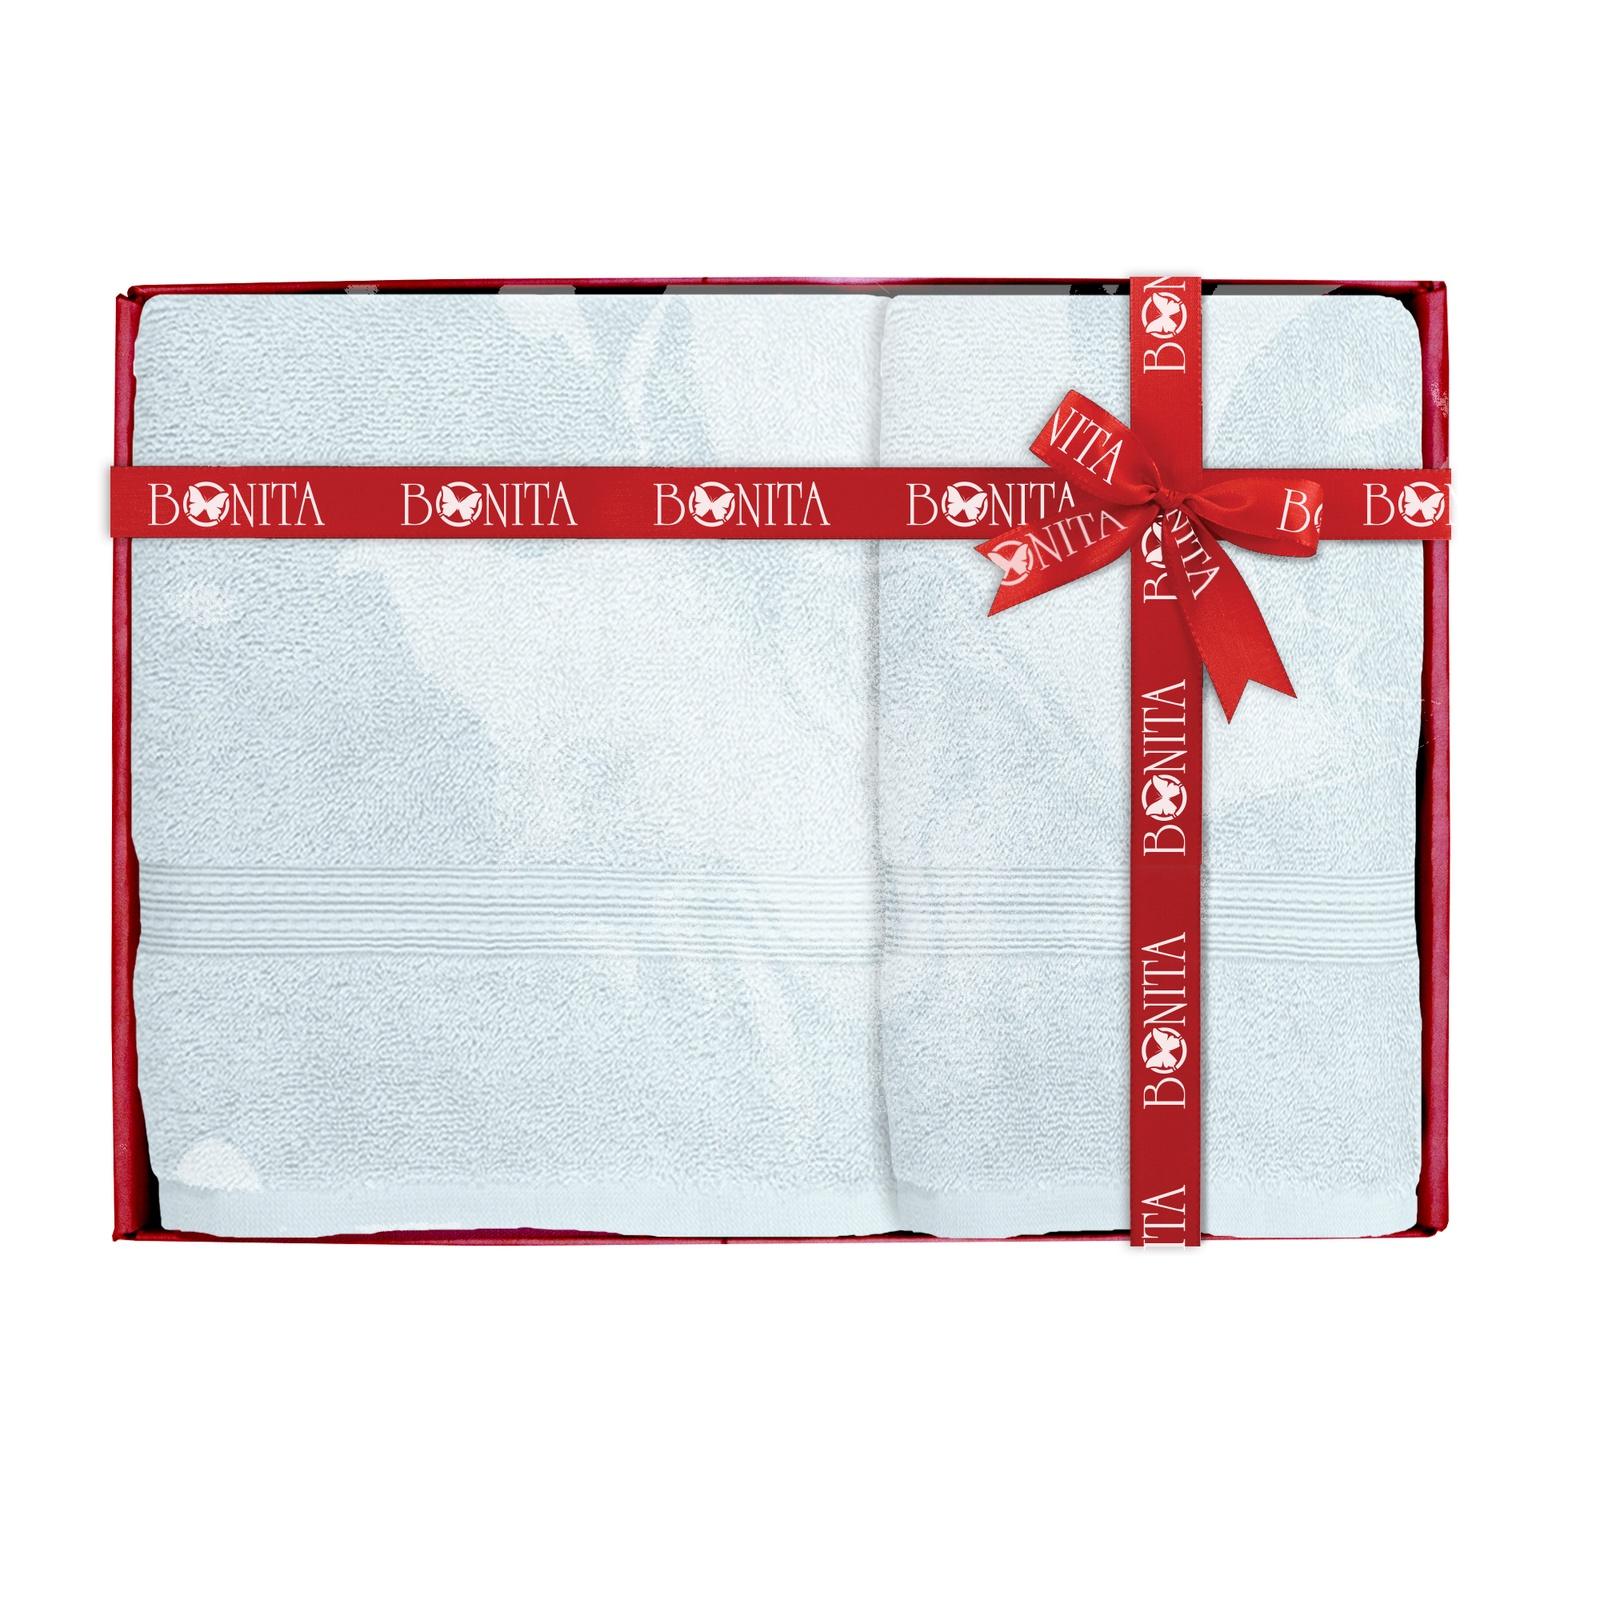 Полотенце банное Bonita Classic махровое, 21011218281, голубой, 2 шт набор полотенец bonita французская сирень 45 х 60 см 3 шт